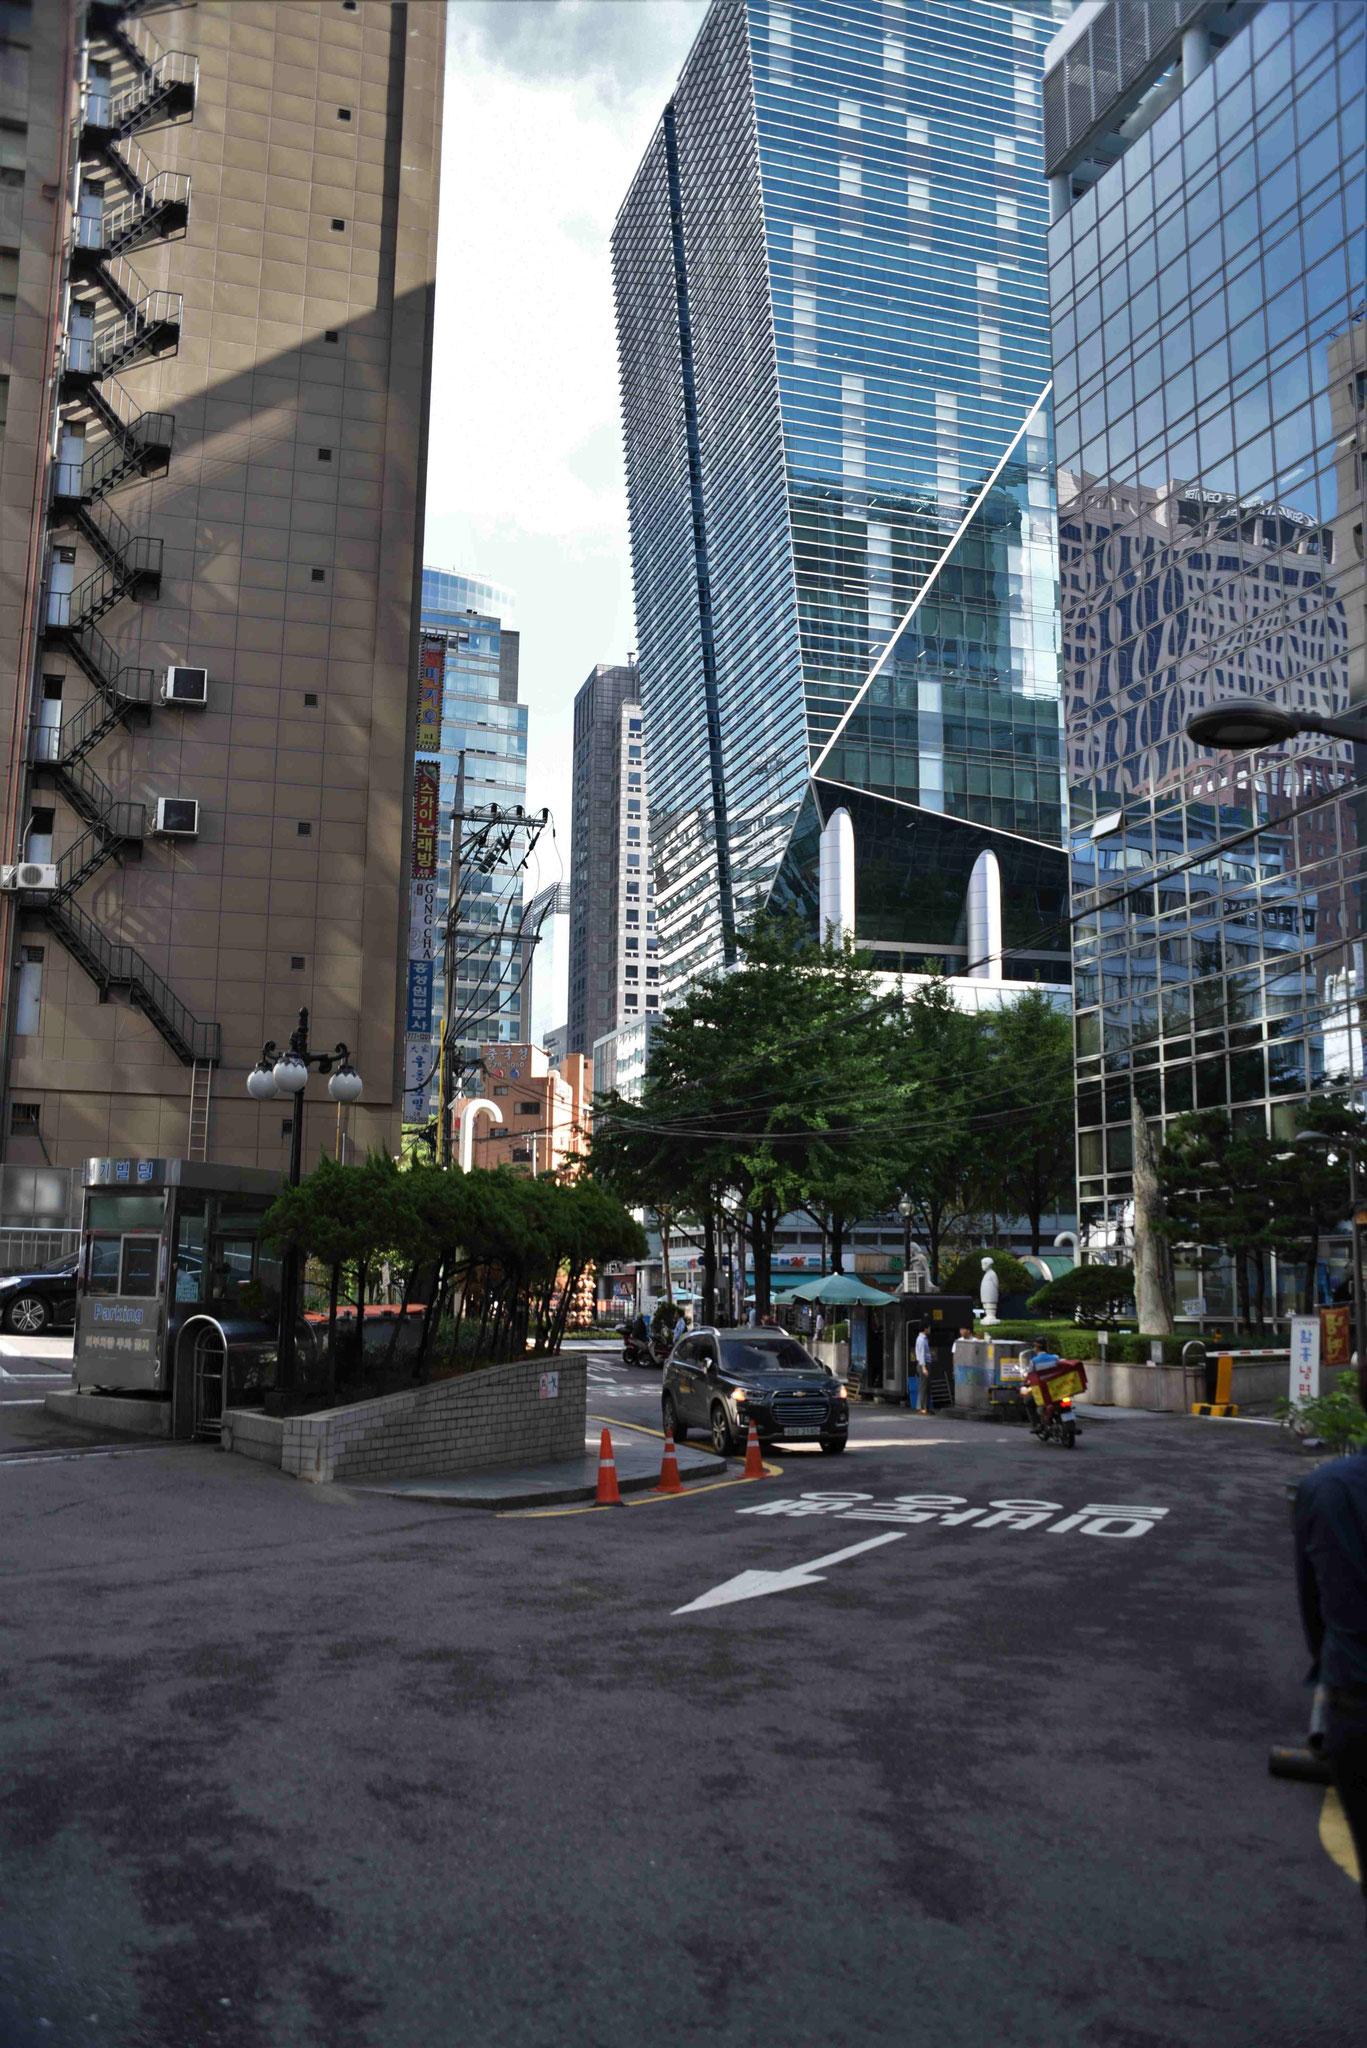 Nebenstraße - Erinnerungen an New York werden geweckt